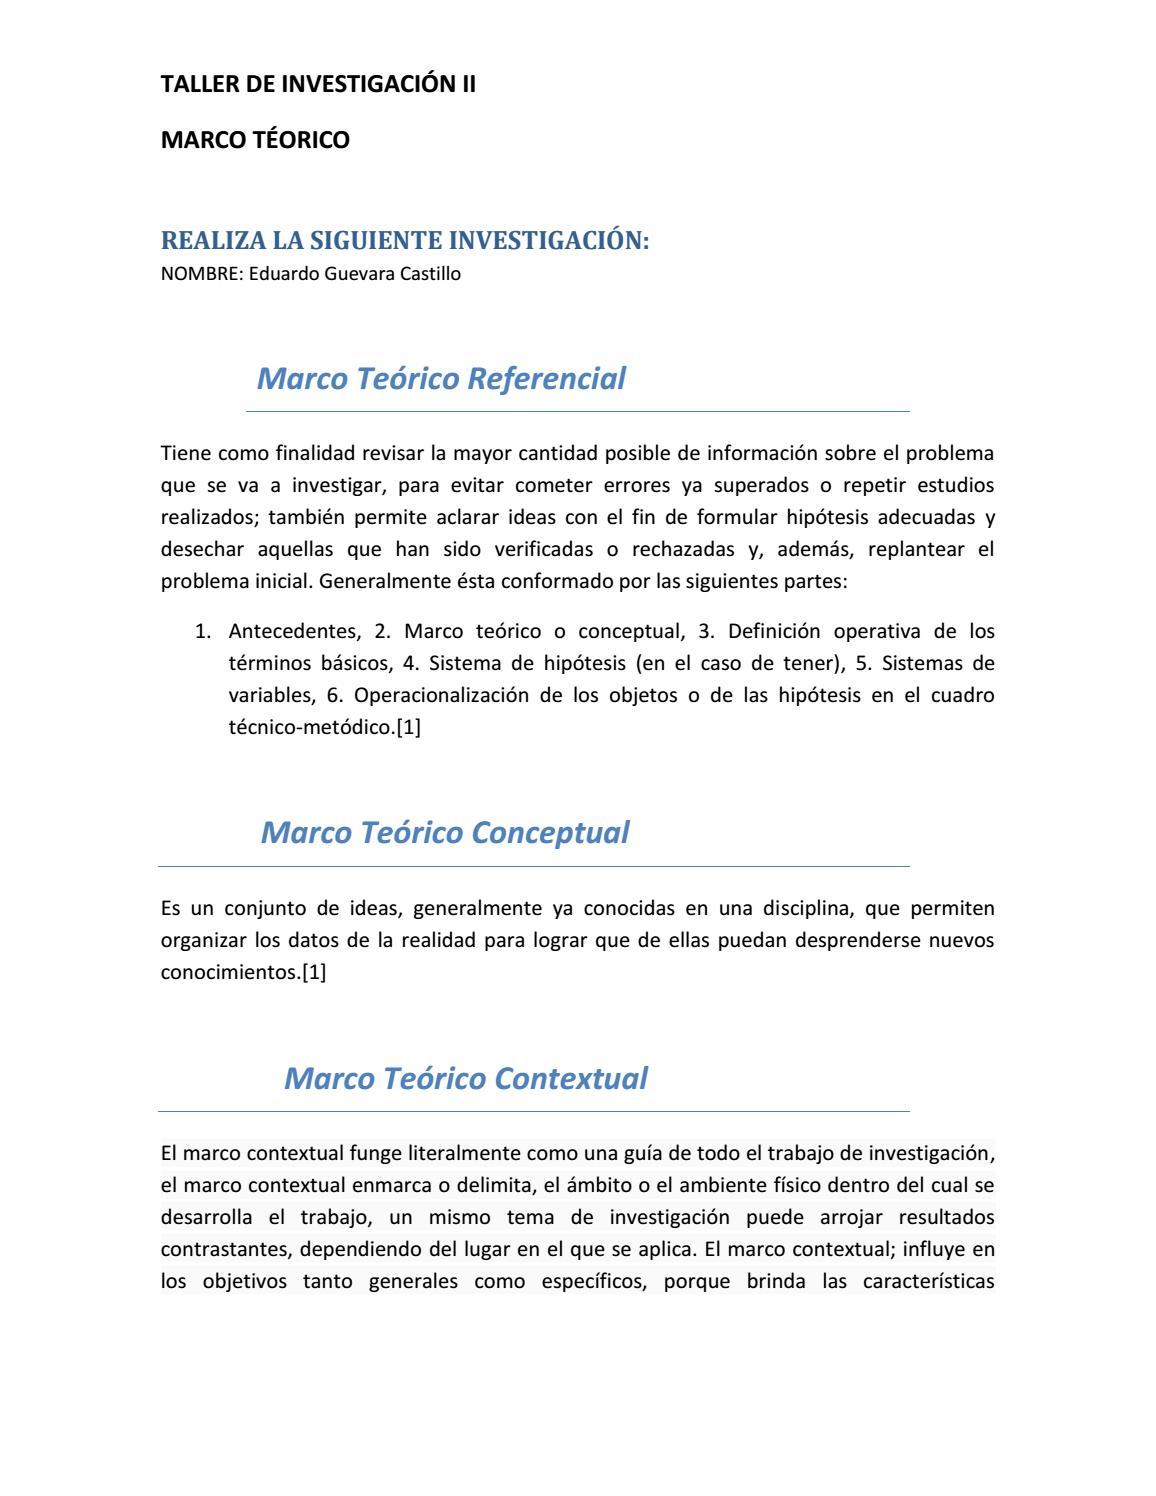 Investigación del marco teórico by Eduardo Guevara Castillo - issuu